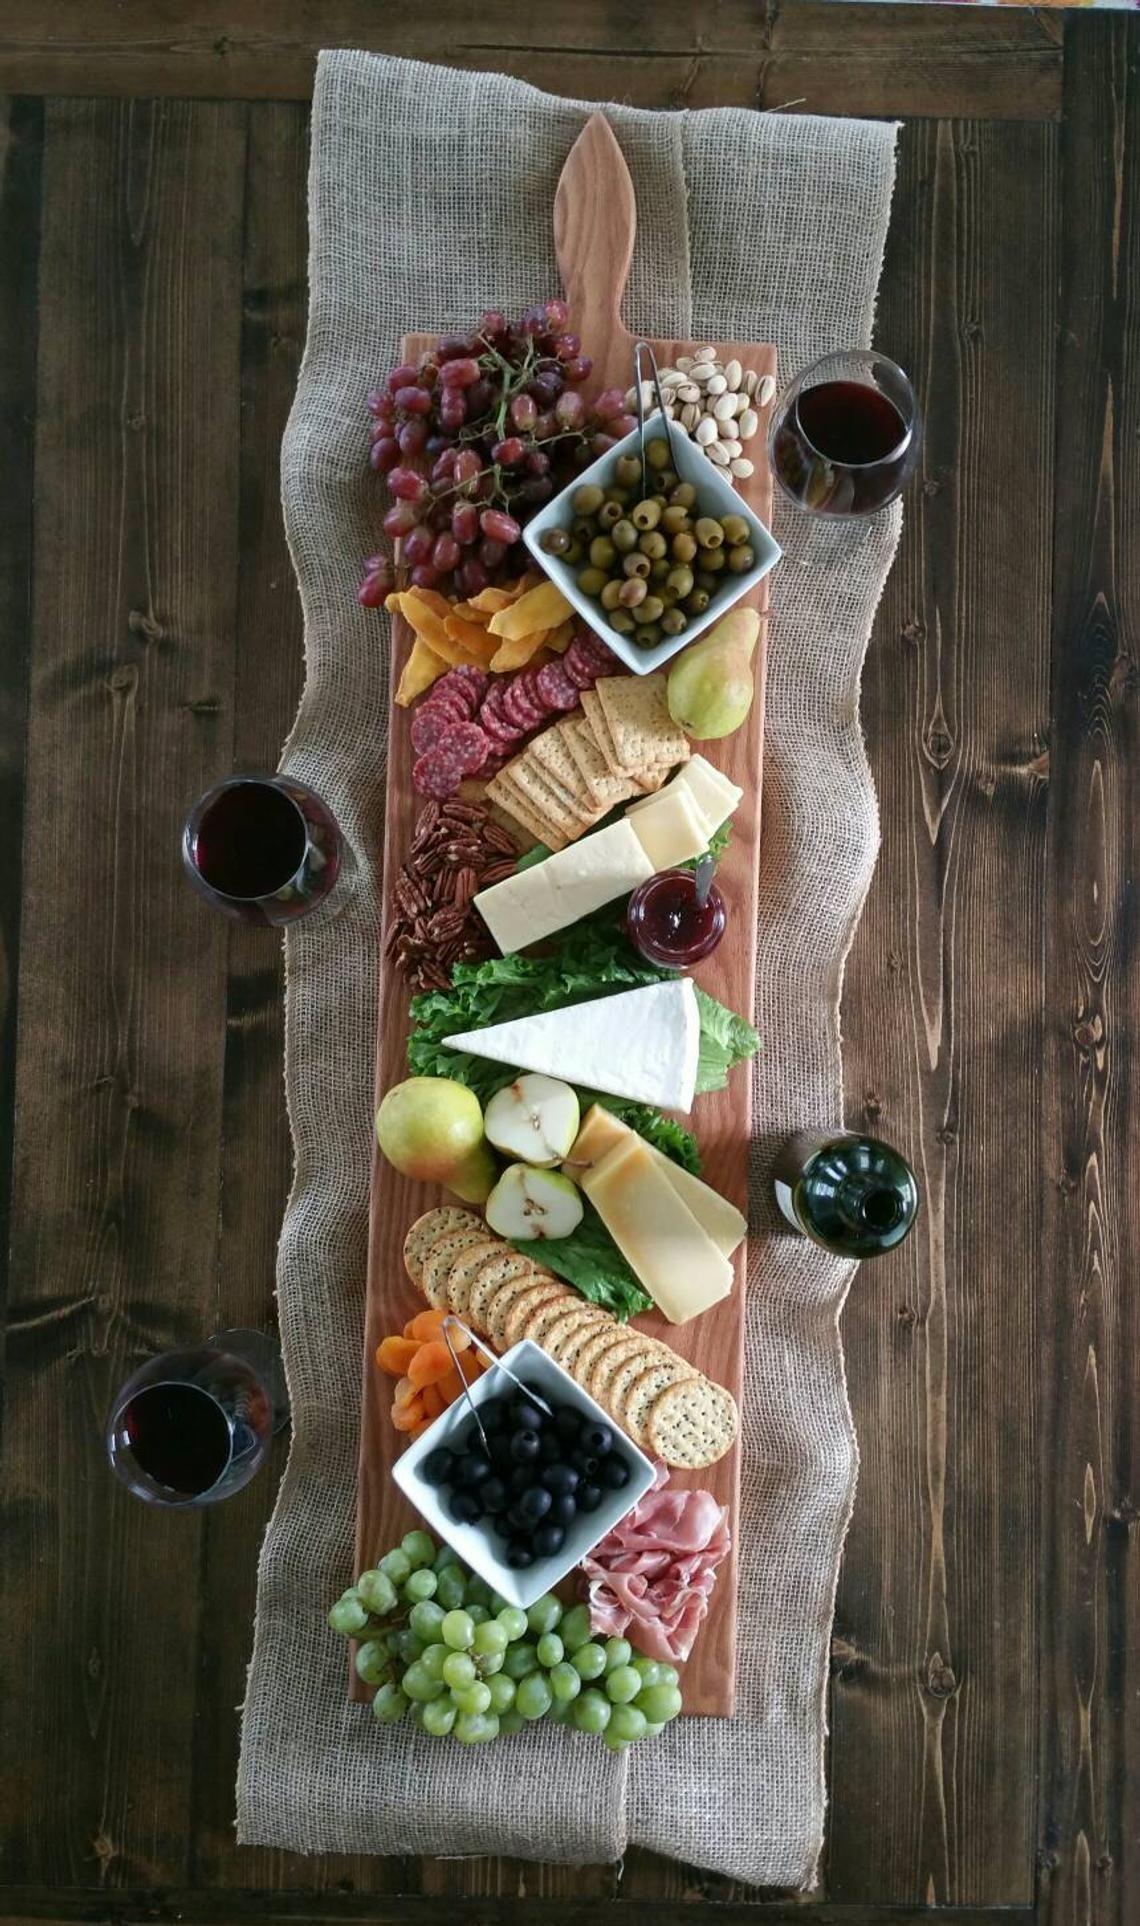 42 pouces - tres grand service en bois plateau de fromage planche-en chêne-par érable rouge Run-coupe Conseil - cadeau pour les gourmands #caixasdemadeira